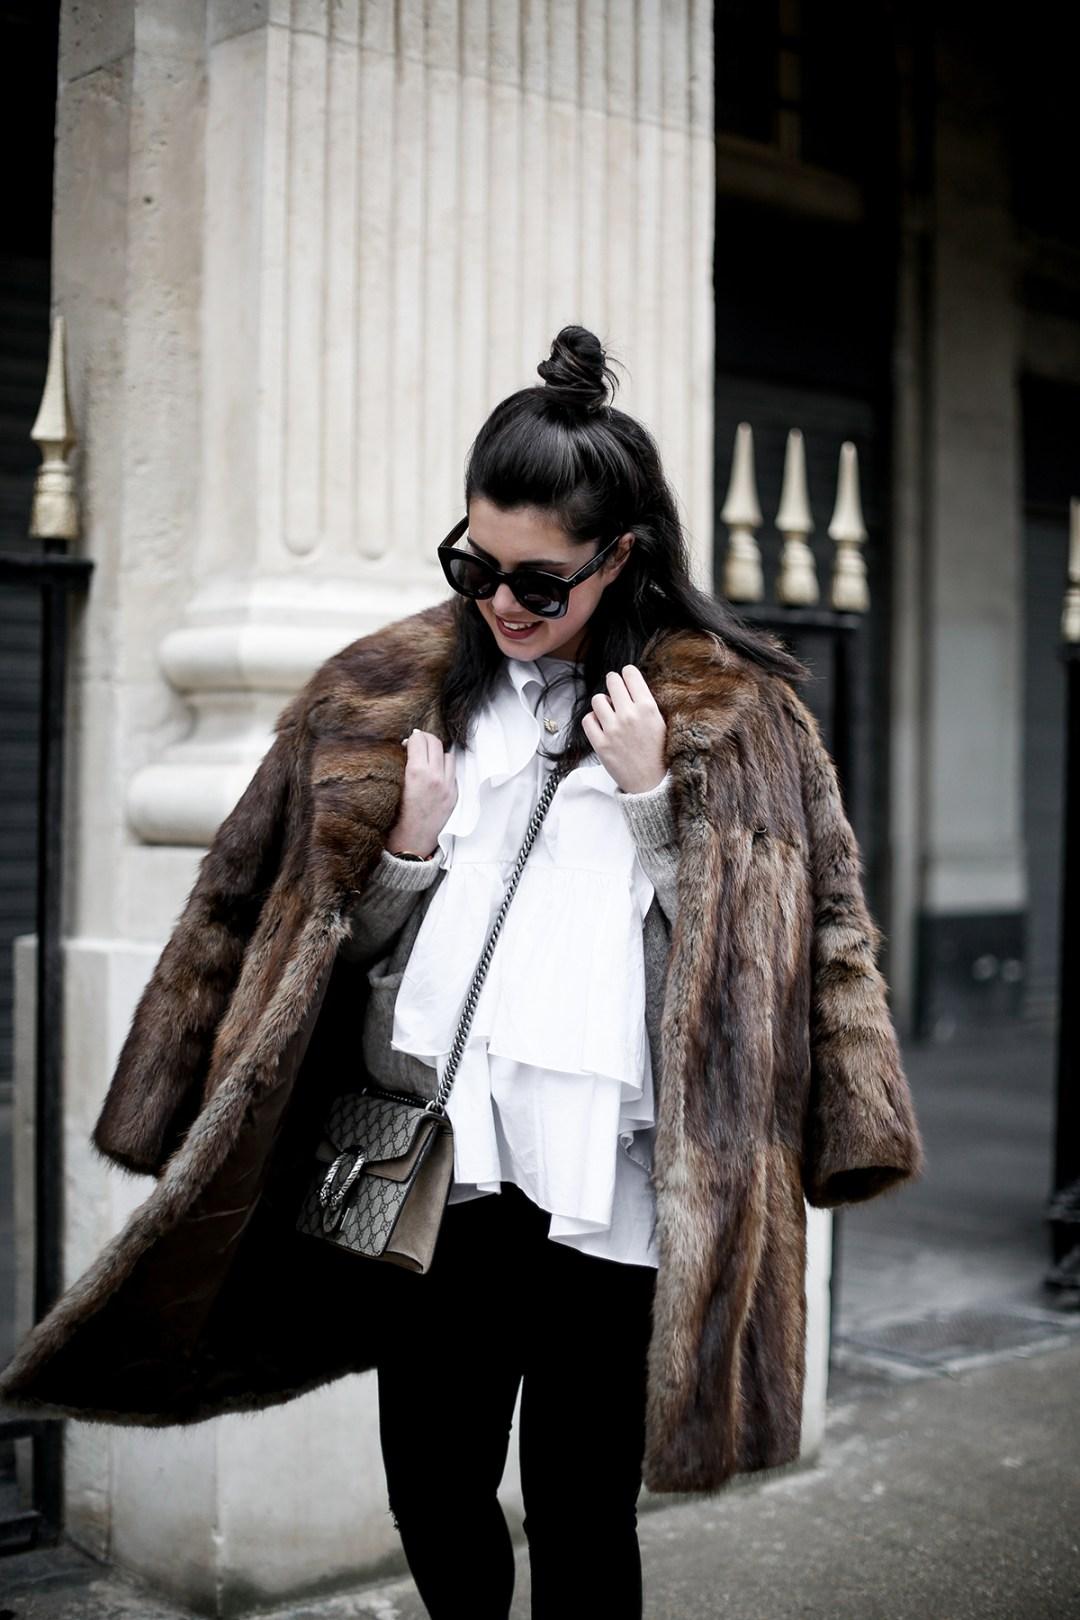 golden goose deluxe brand sneakers fur coat vintage streetstyle paris 2017-11